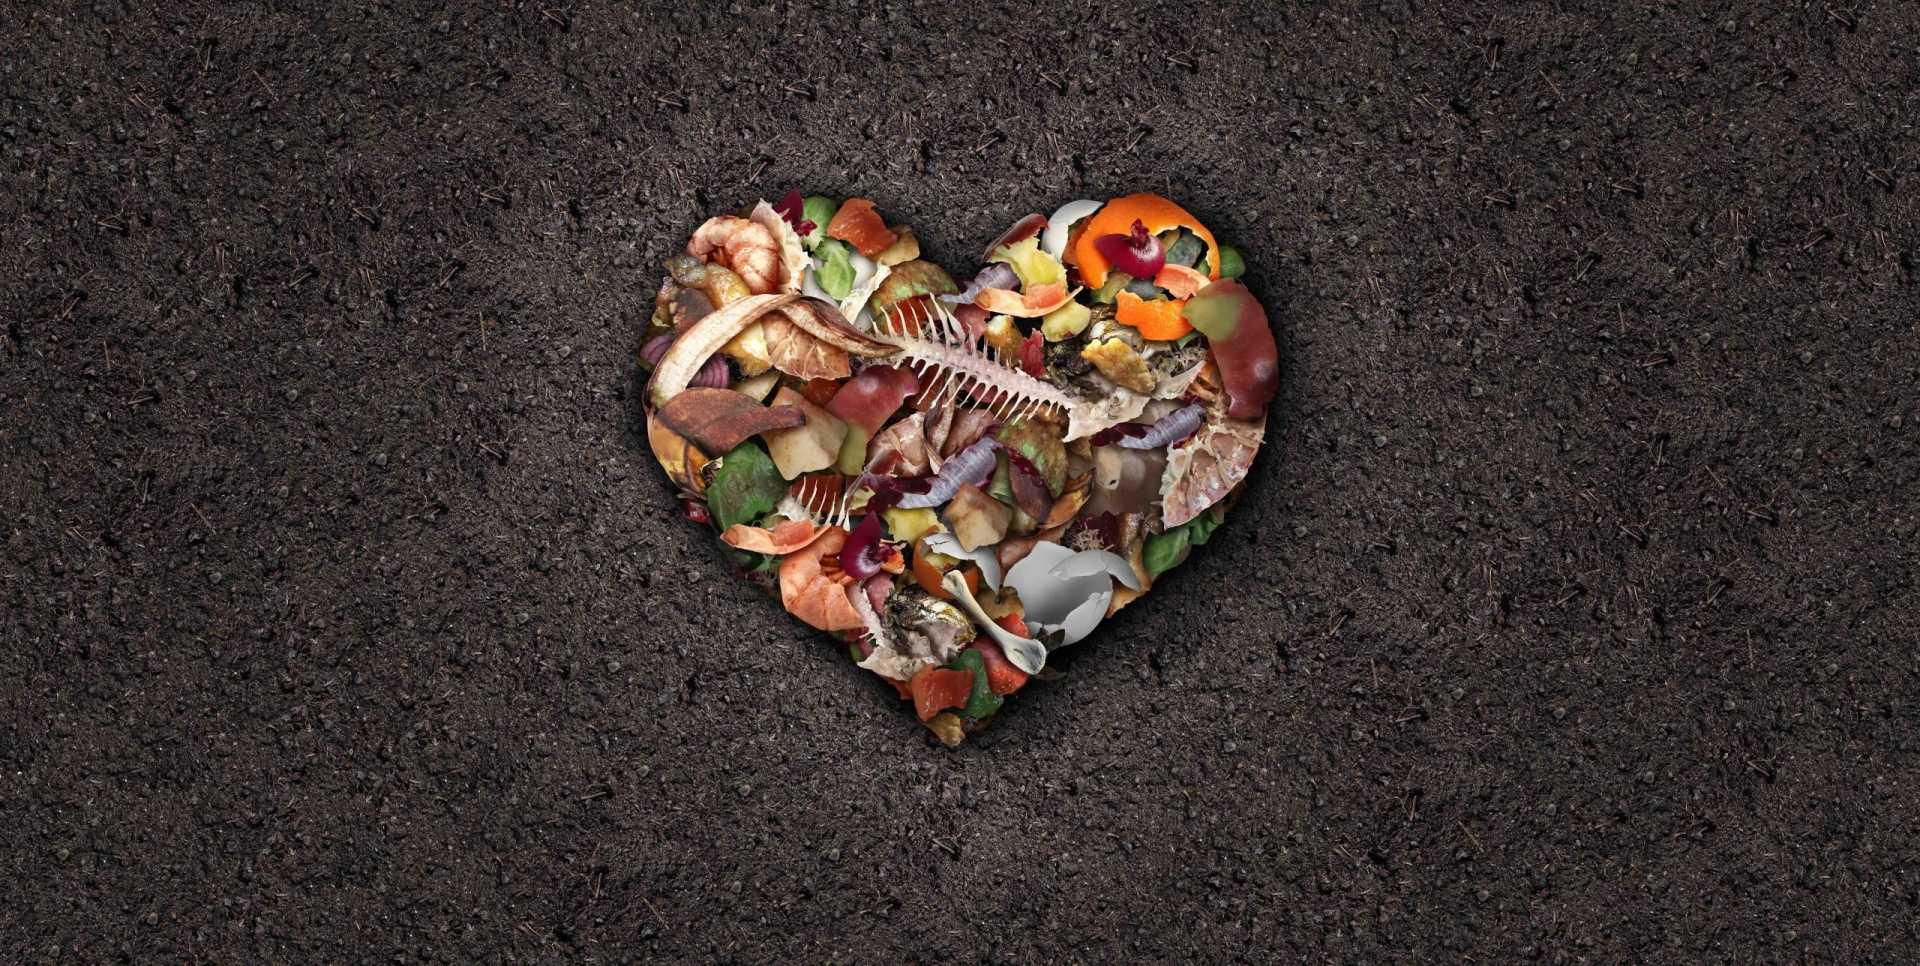 10 Kompost anlegen Fehler: Zum optimalen Kompost durch Fehlervermeidung